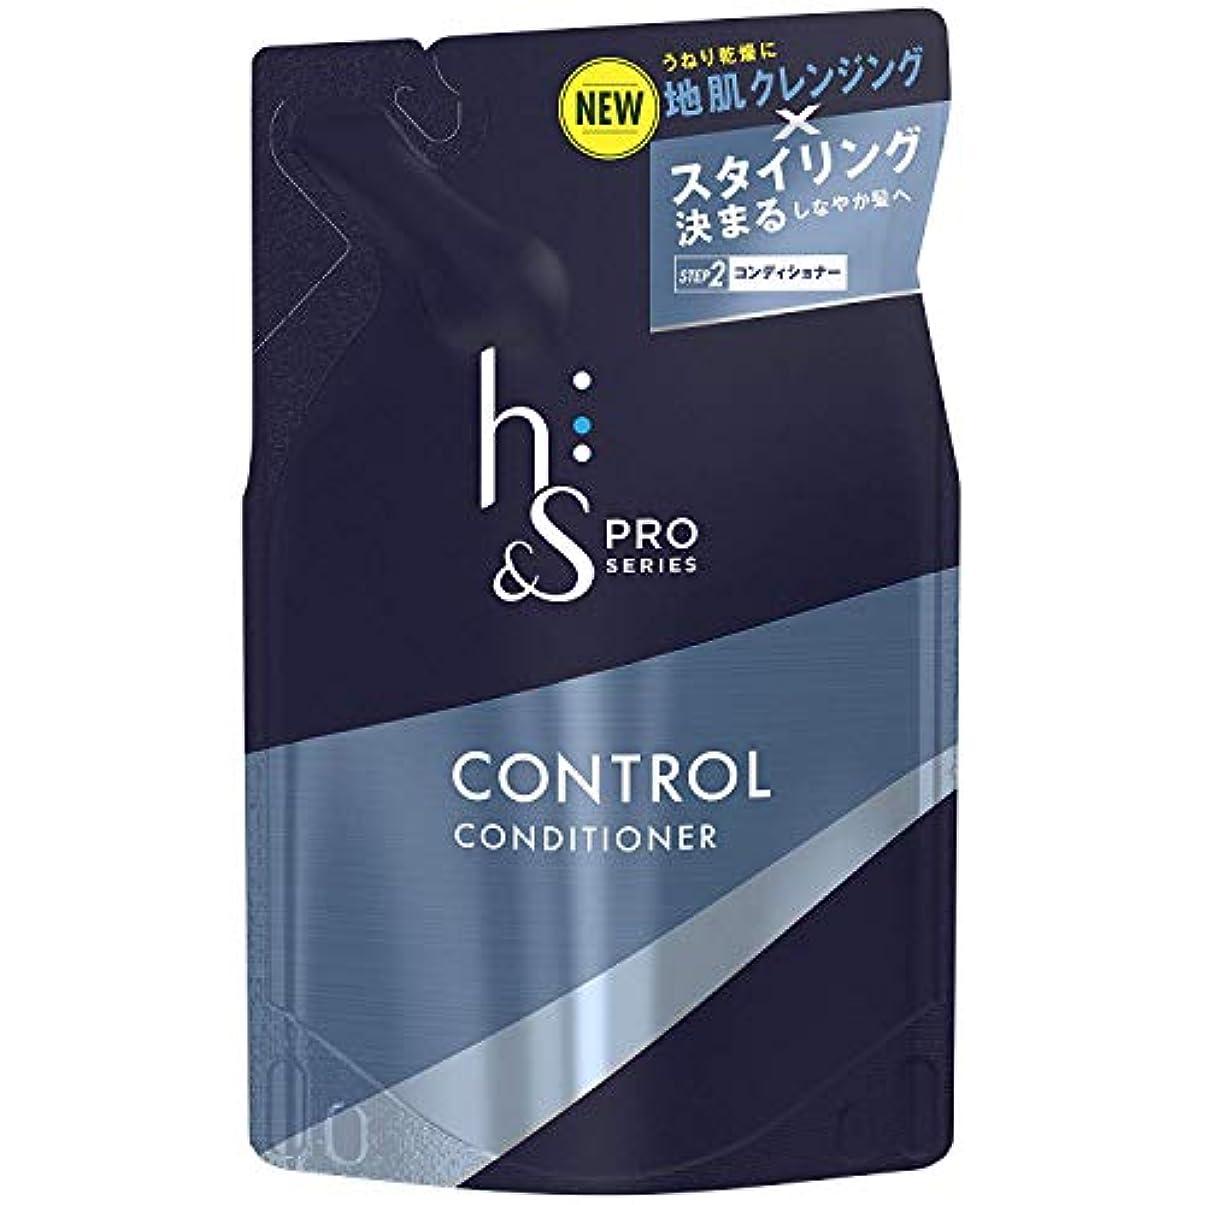 縫う放置首謀者【3個セット】h&s PRO (エイチアンドエス プロ) メンズ コンディショナー コントロール 詰め替え (スタイリング重視) 300g